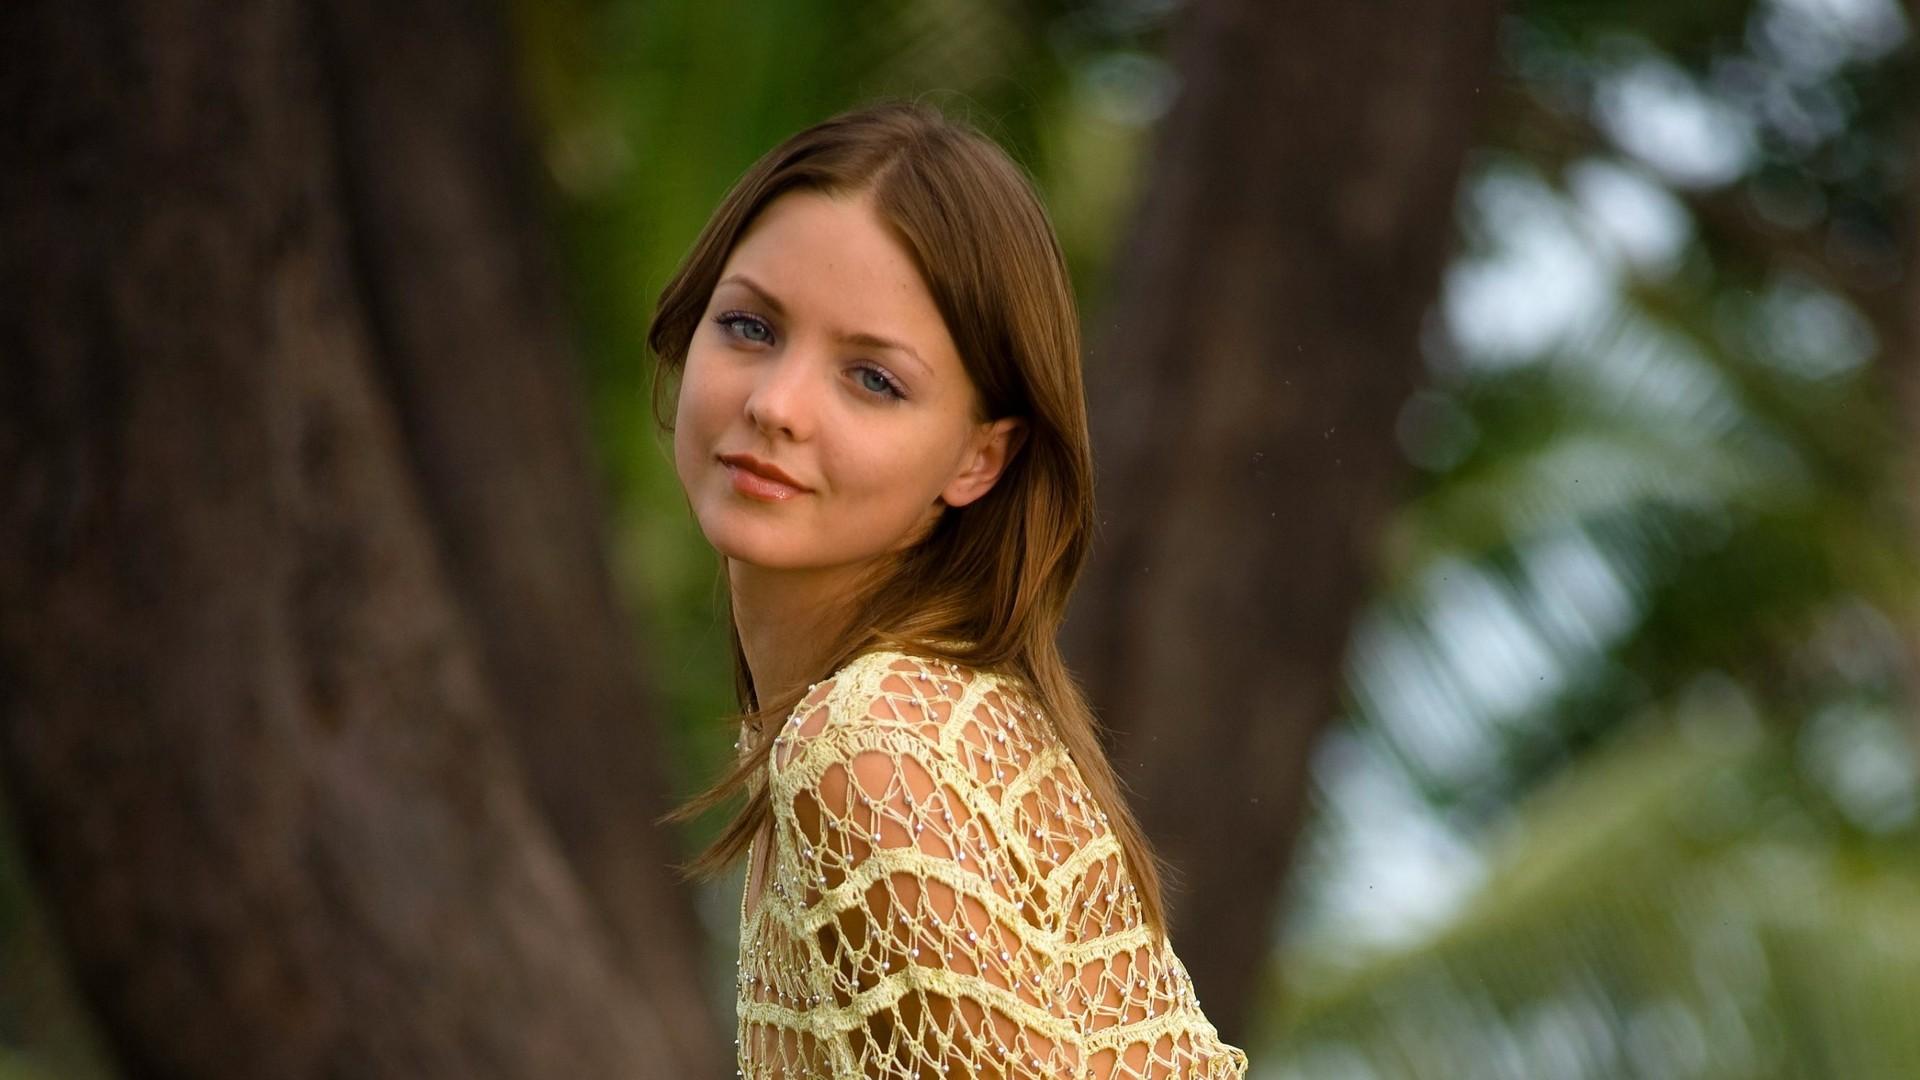 Смотреть фото молодых красивых девочек в домашнем, Откровенные снимки молодых русских девушек 24 фотография